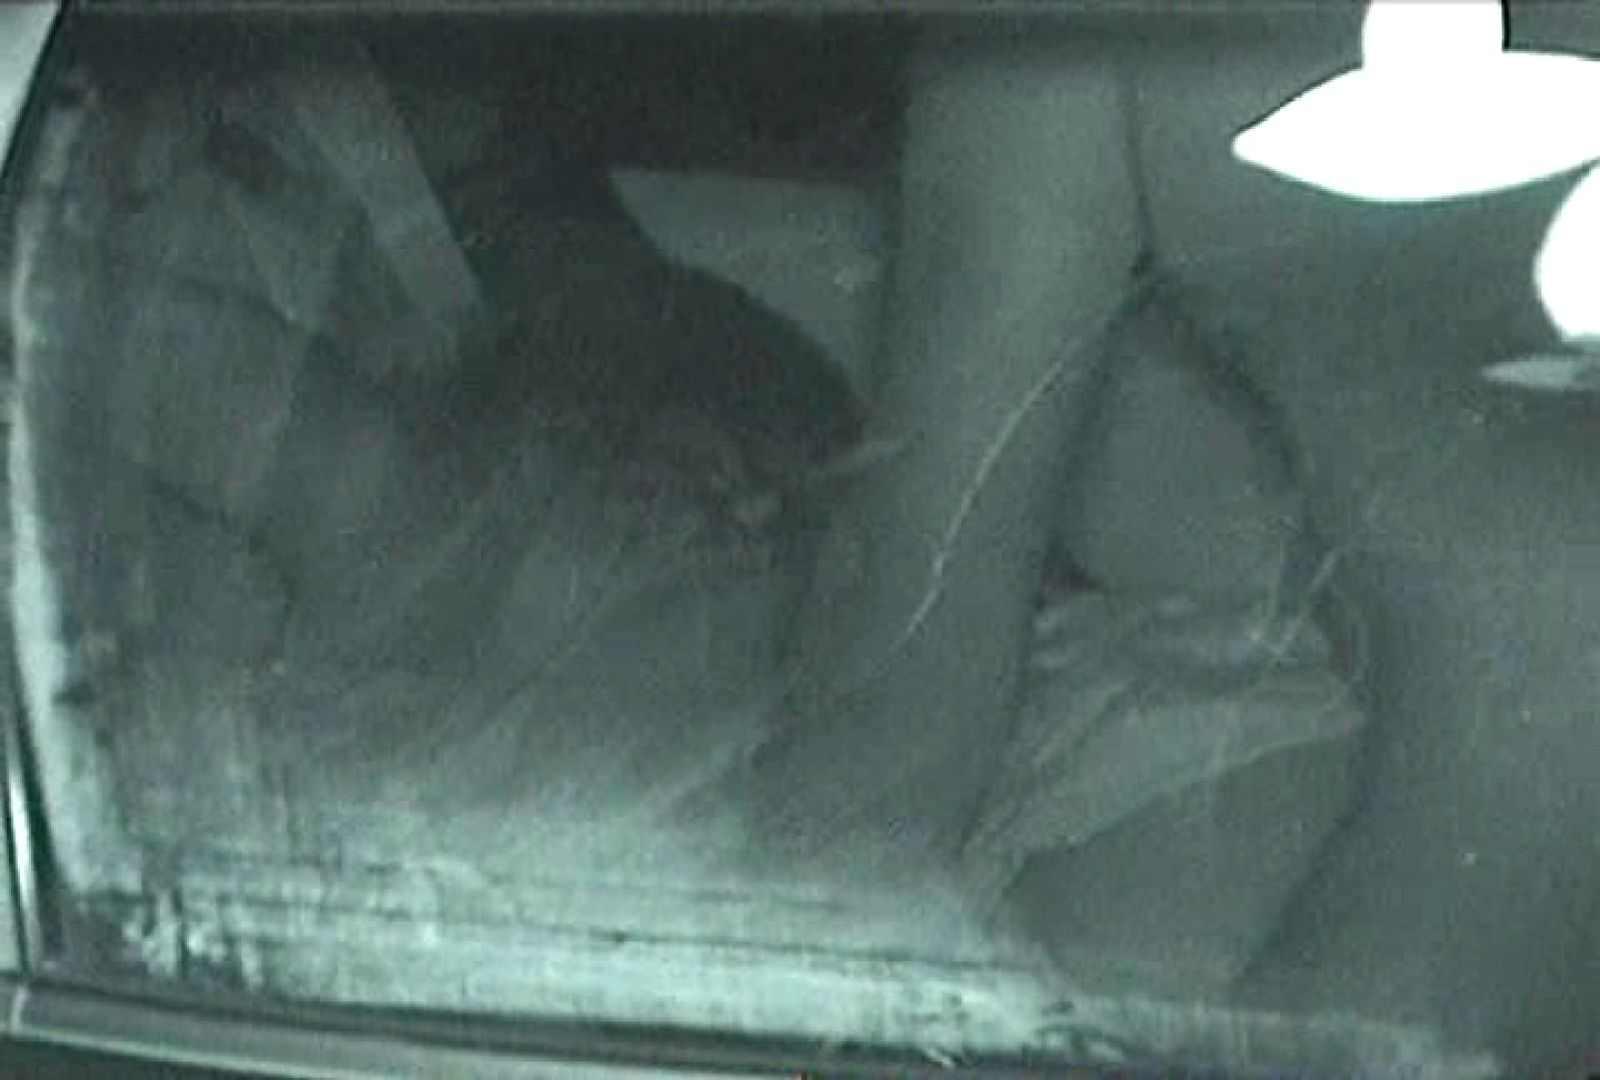 充血監督の深夜の運動会Vol.96 ギャルのエロ動画 AV無料 106画像 19